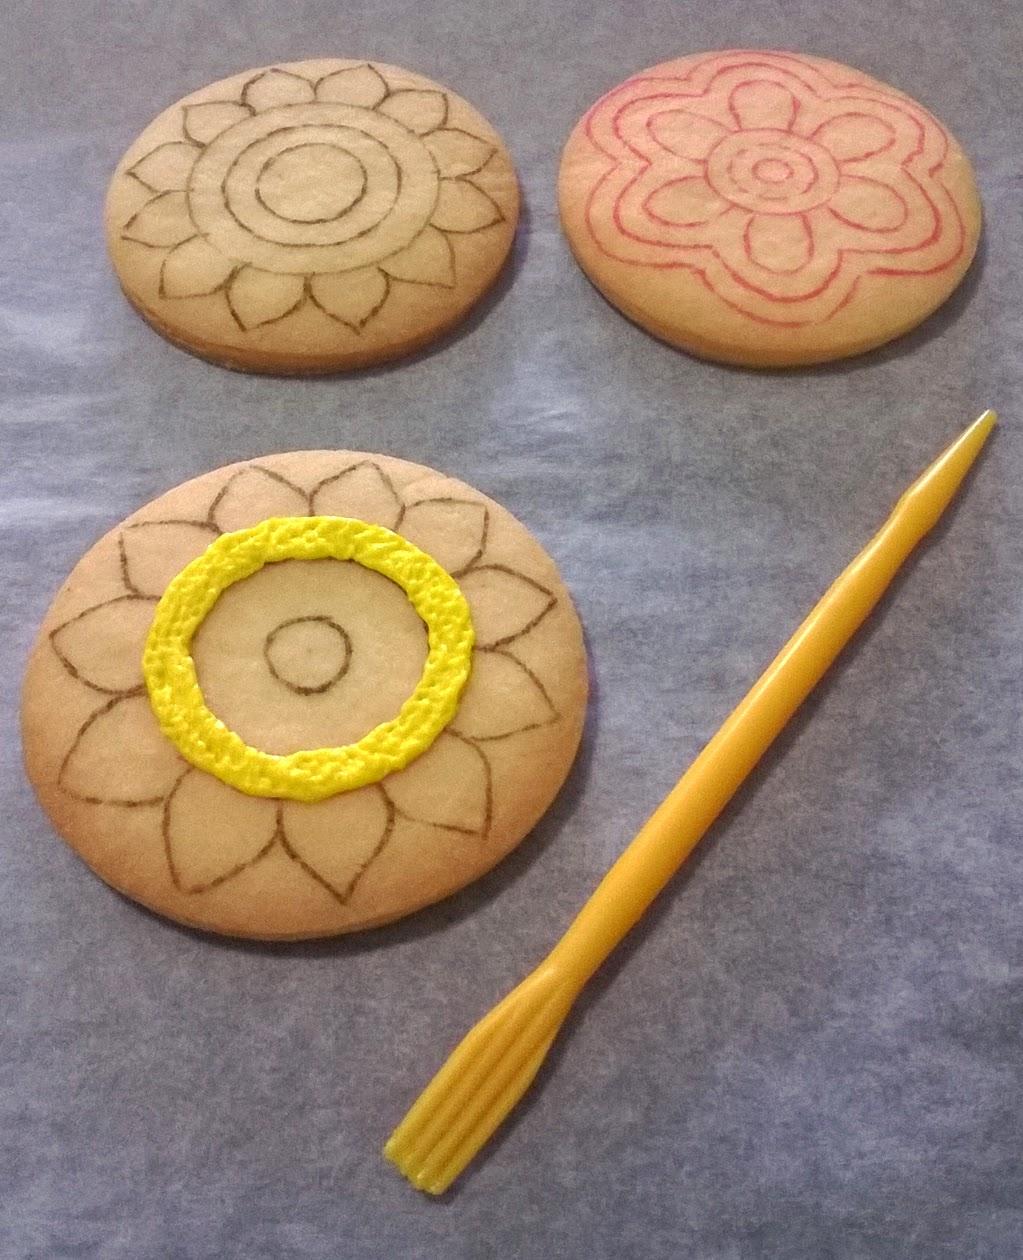 Making pookalam cookies